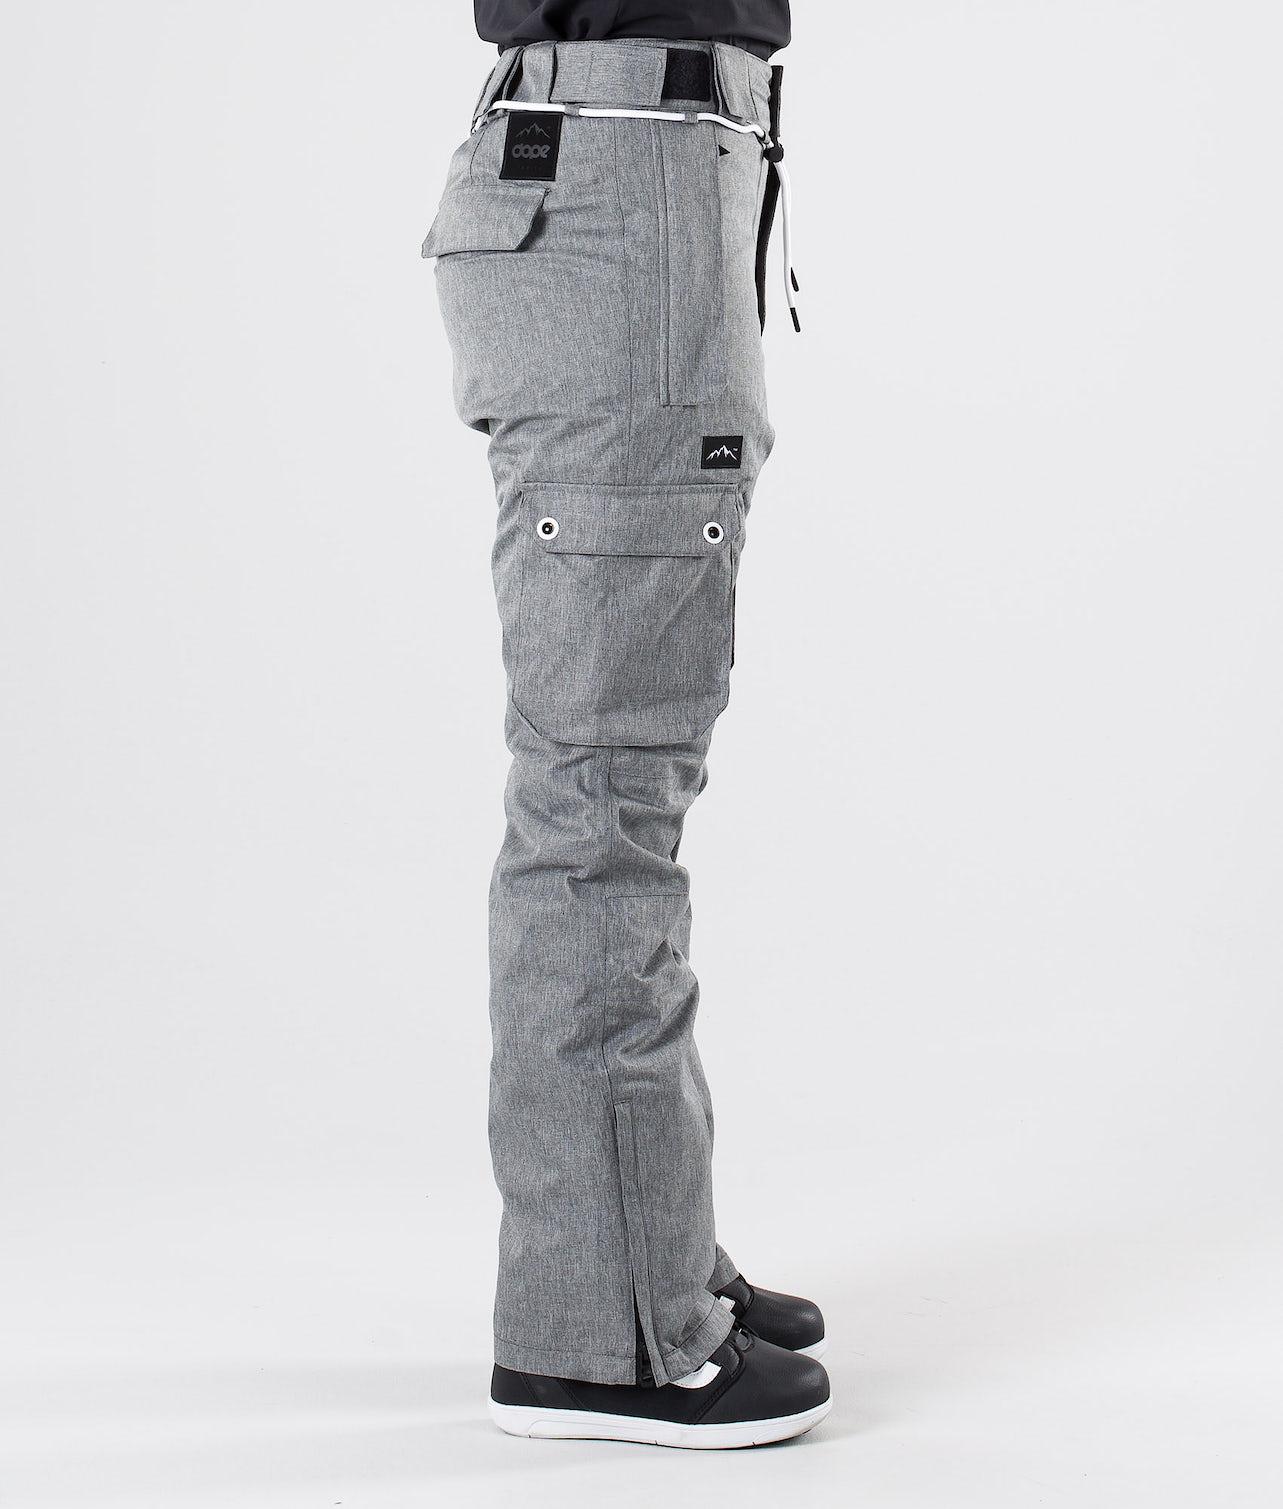 Kjøp Iconic W Snowboardbukse fra Dope på Ridestore.no - Hos oss har du alltid fri frakt, fri retur og 30 dagers åpent kjøp!